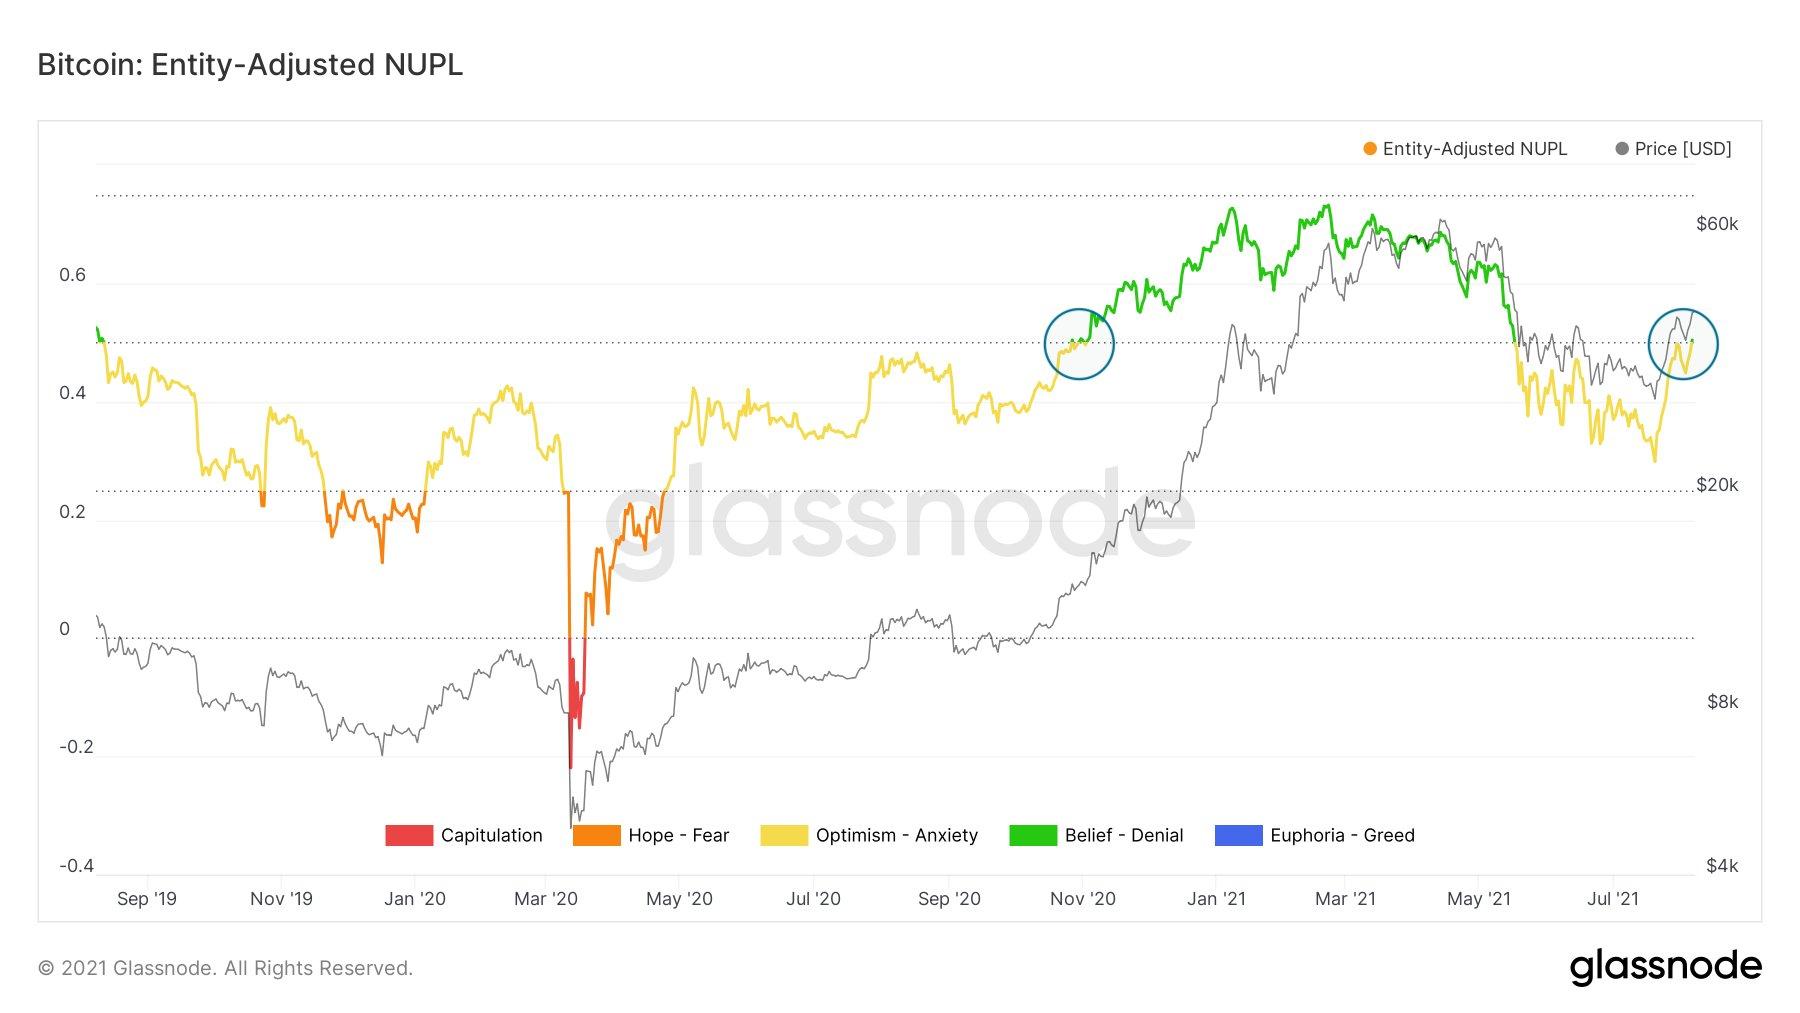 Bitcoin (BTC) Kar Grafiği